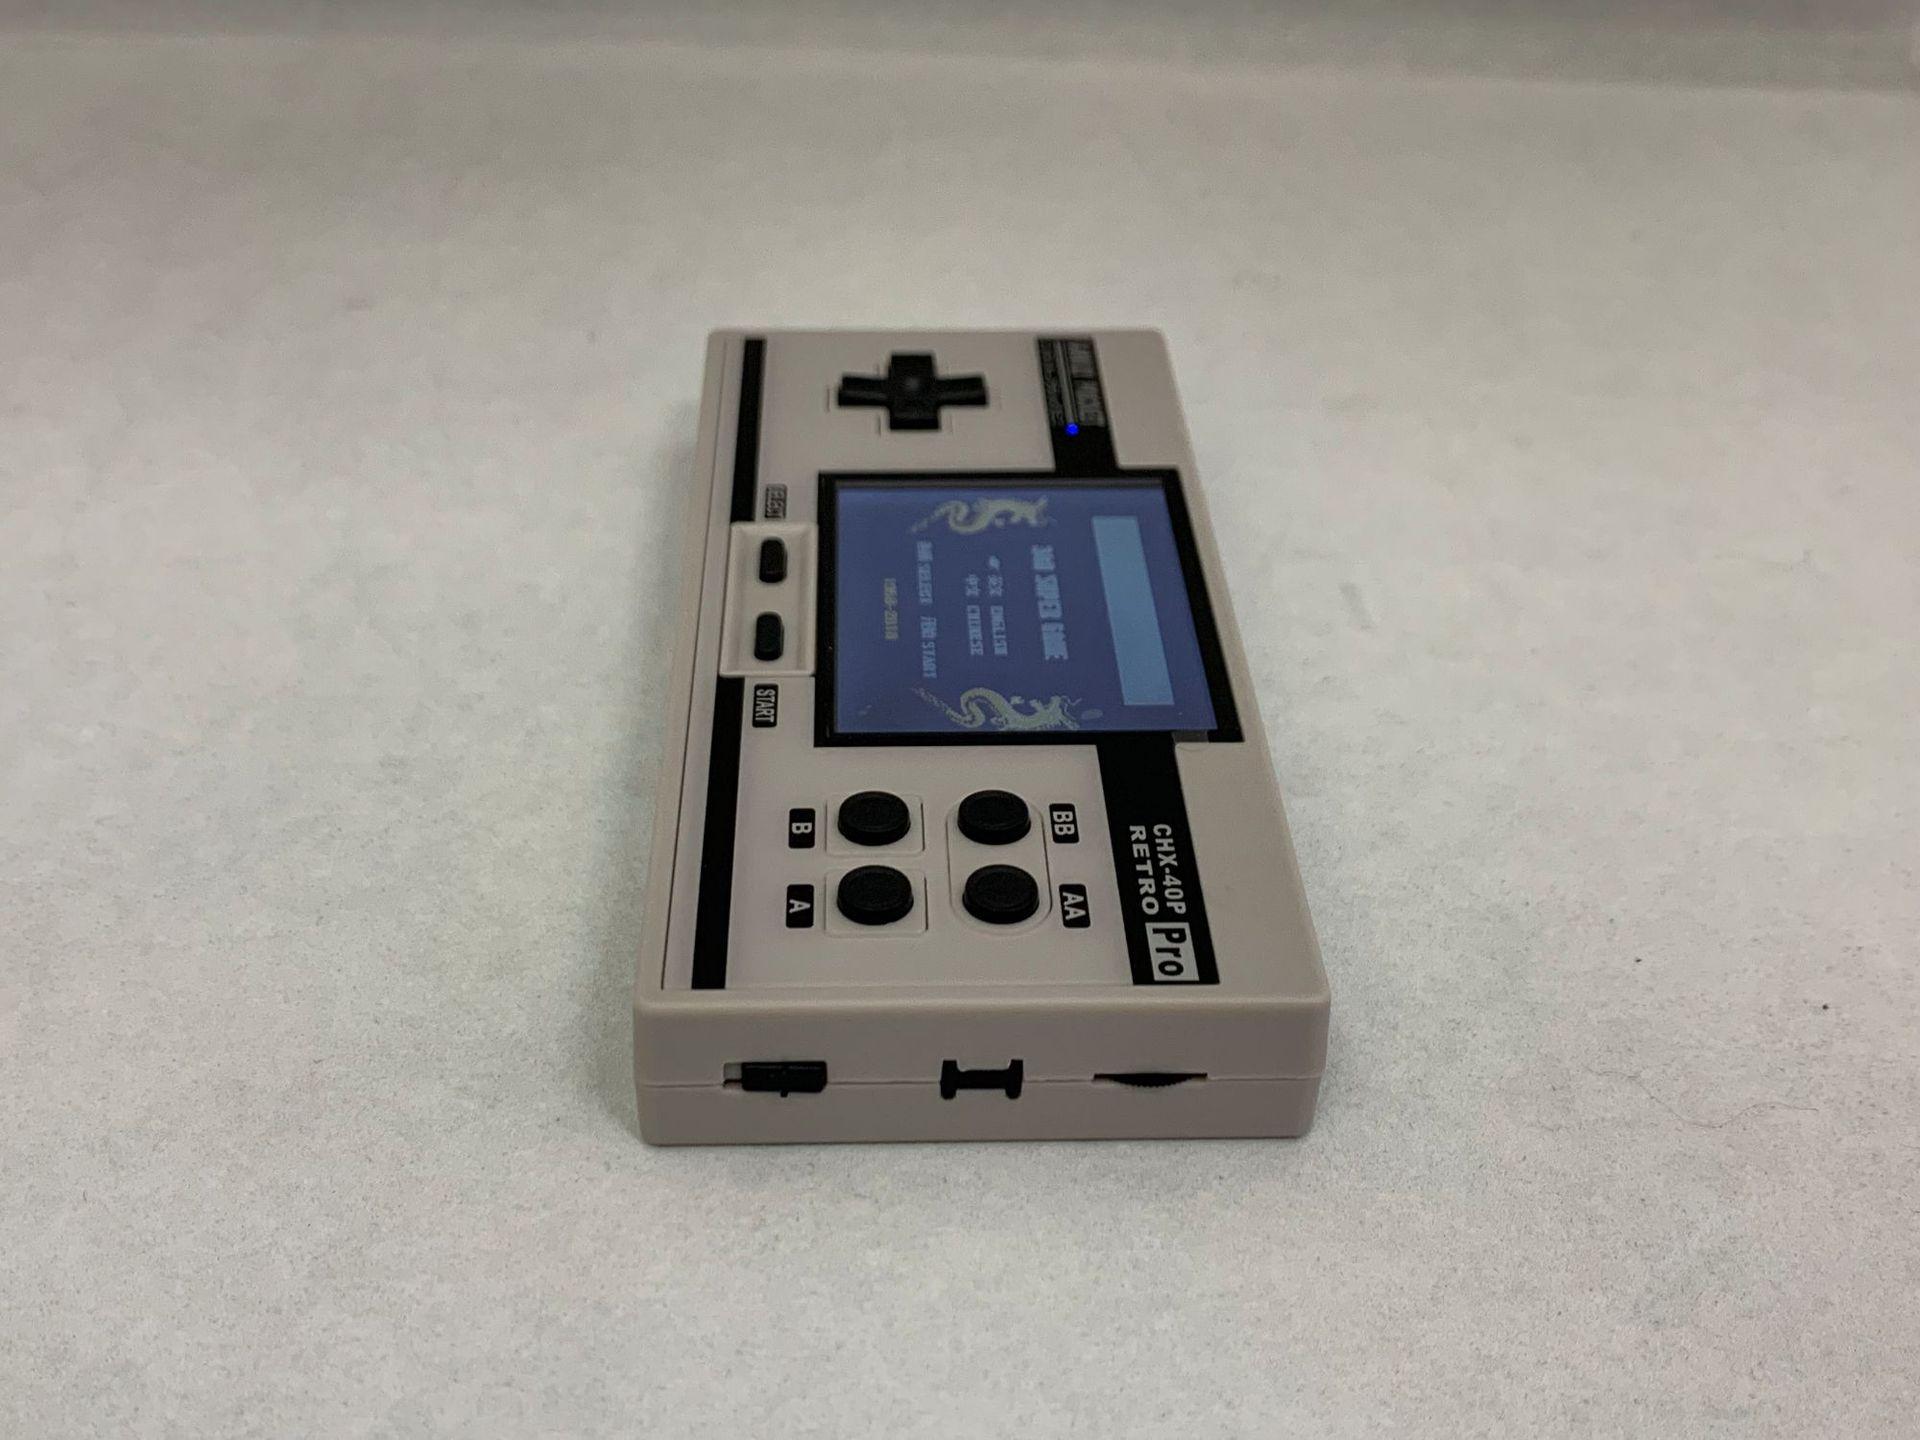 Điện tử 4 nút Retro Pro\ Hàng nhập khẩu màu ngẫu nhiên